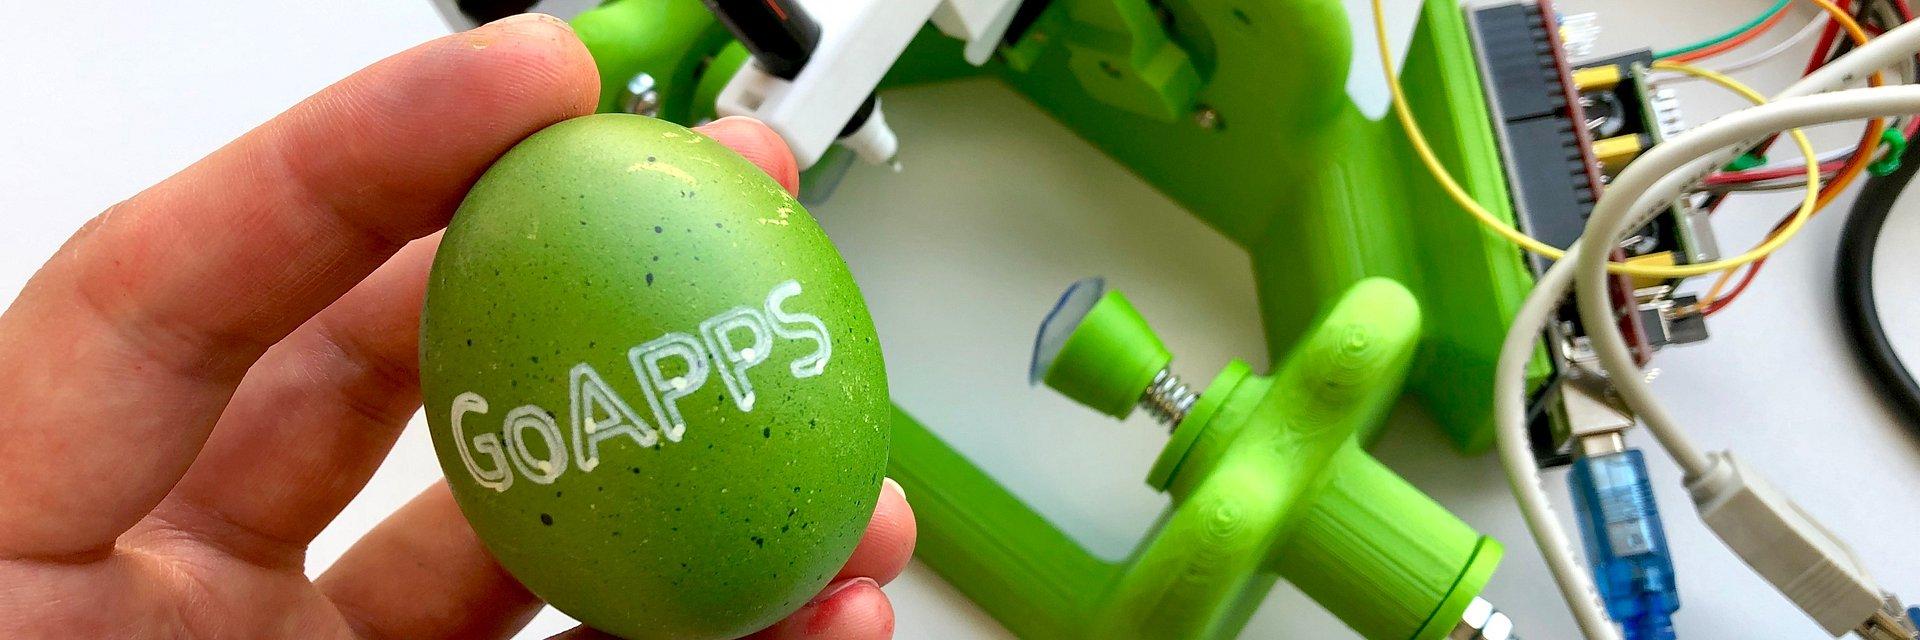 Zobacz, jak działa robot do ozdabiania jajek wielkanocnych!